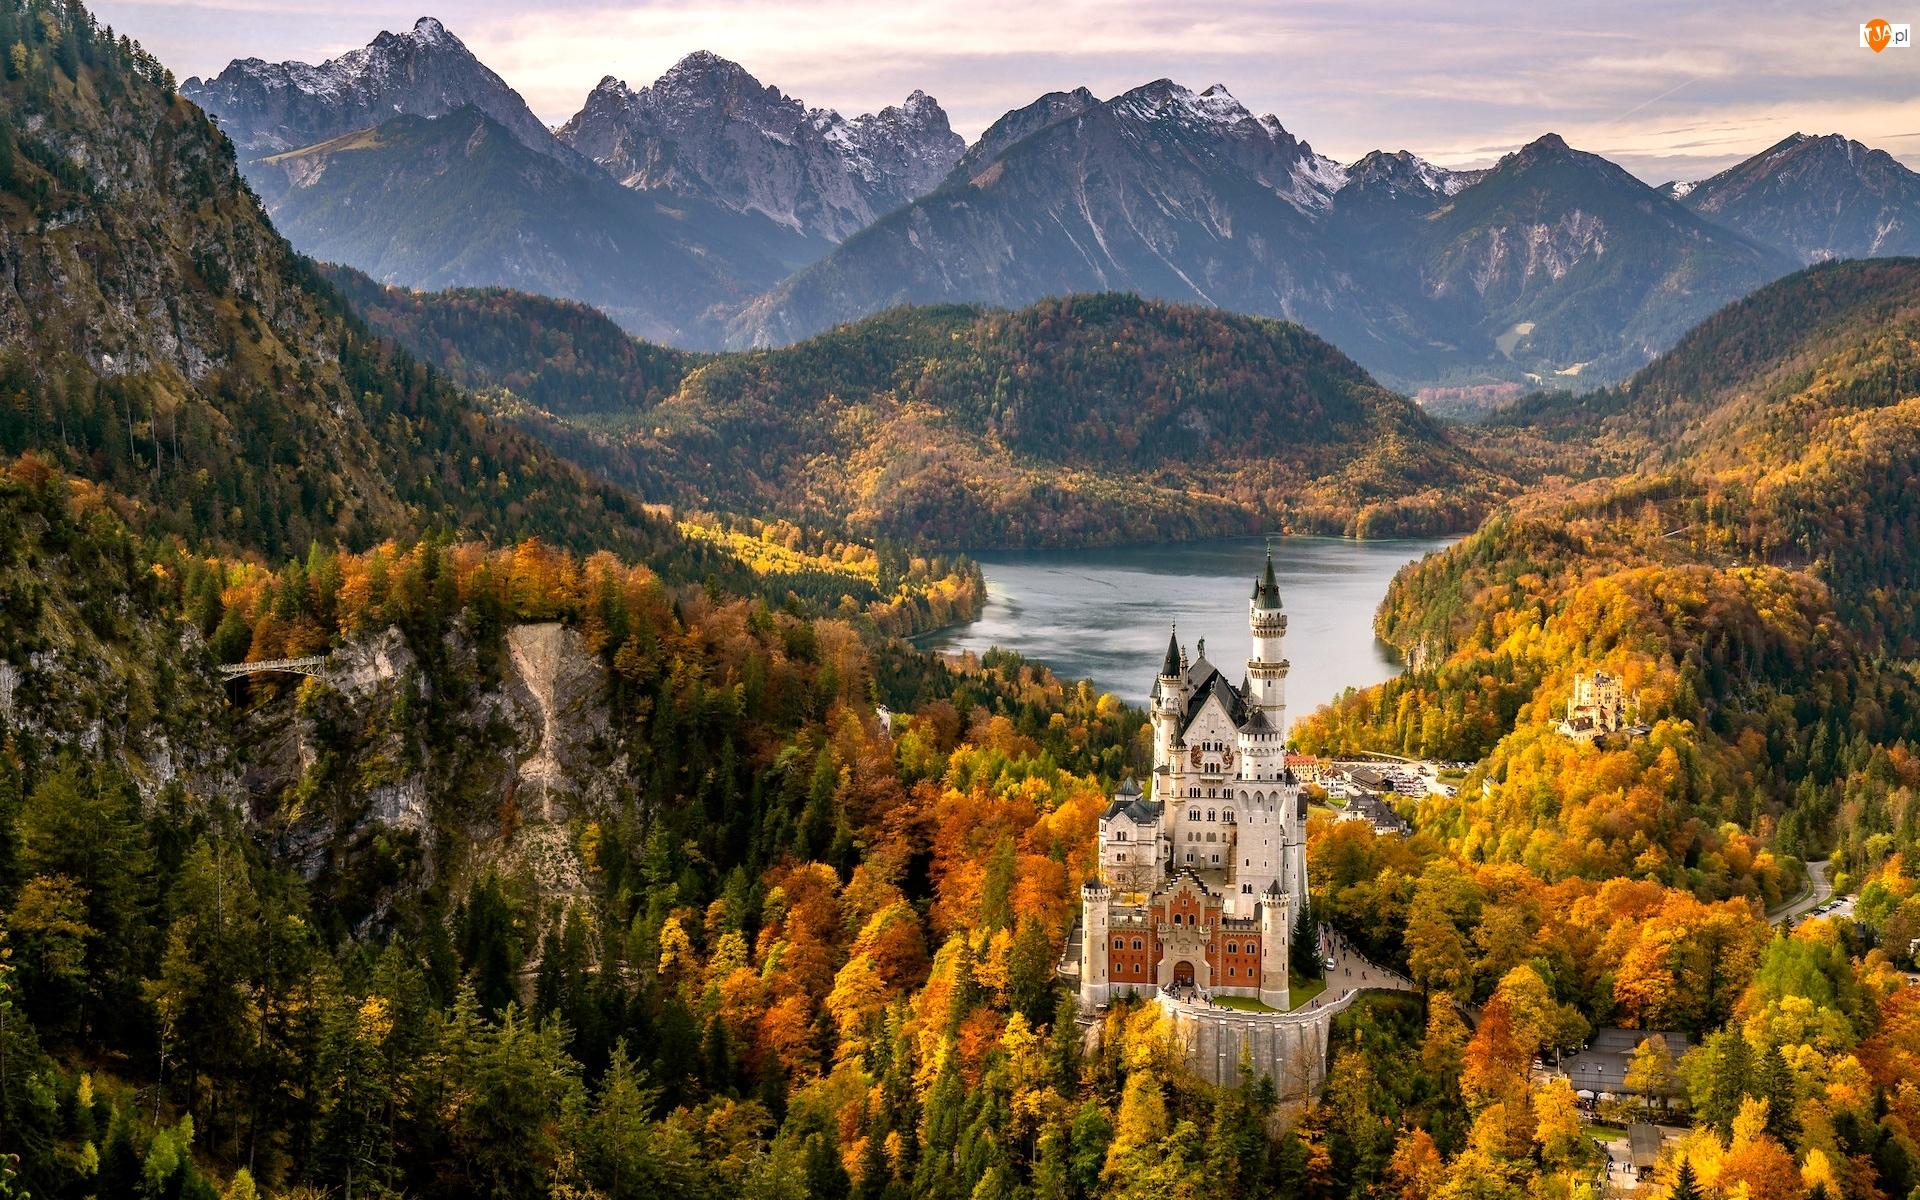 Alpy, Bawaria, Góry, Drzewa, Jezioro Alpsee, Schwangau, Zamek Neuschwanstein, Niemcy, Jesień